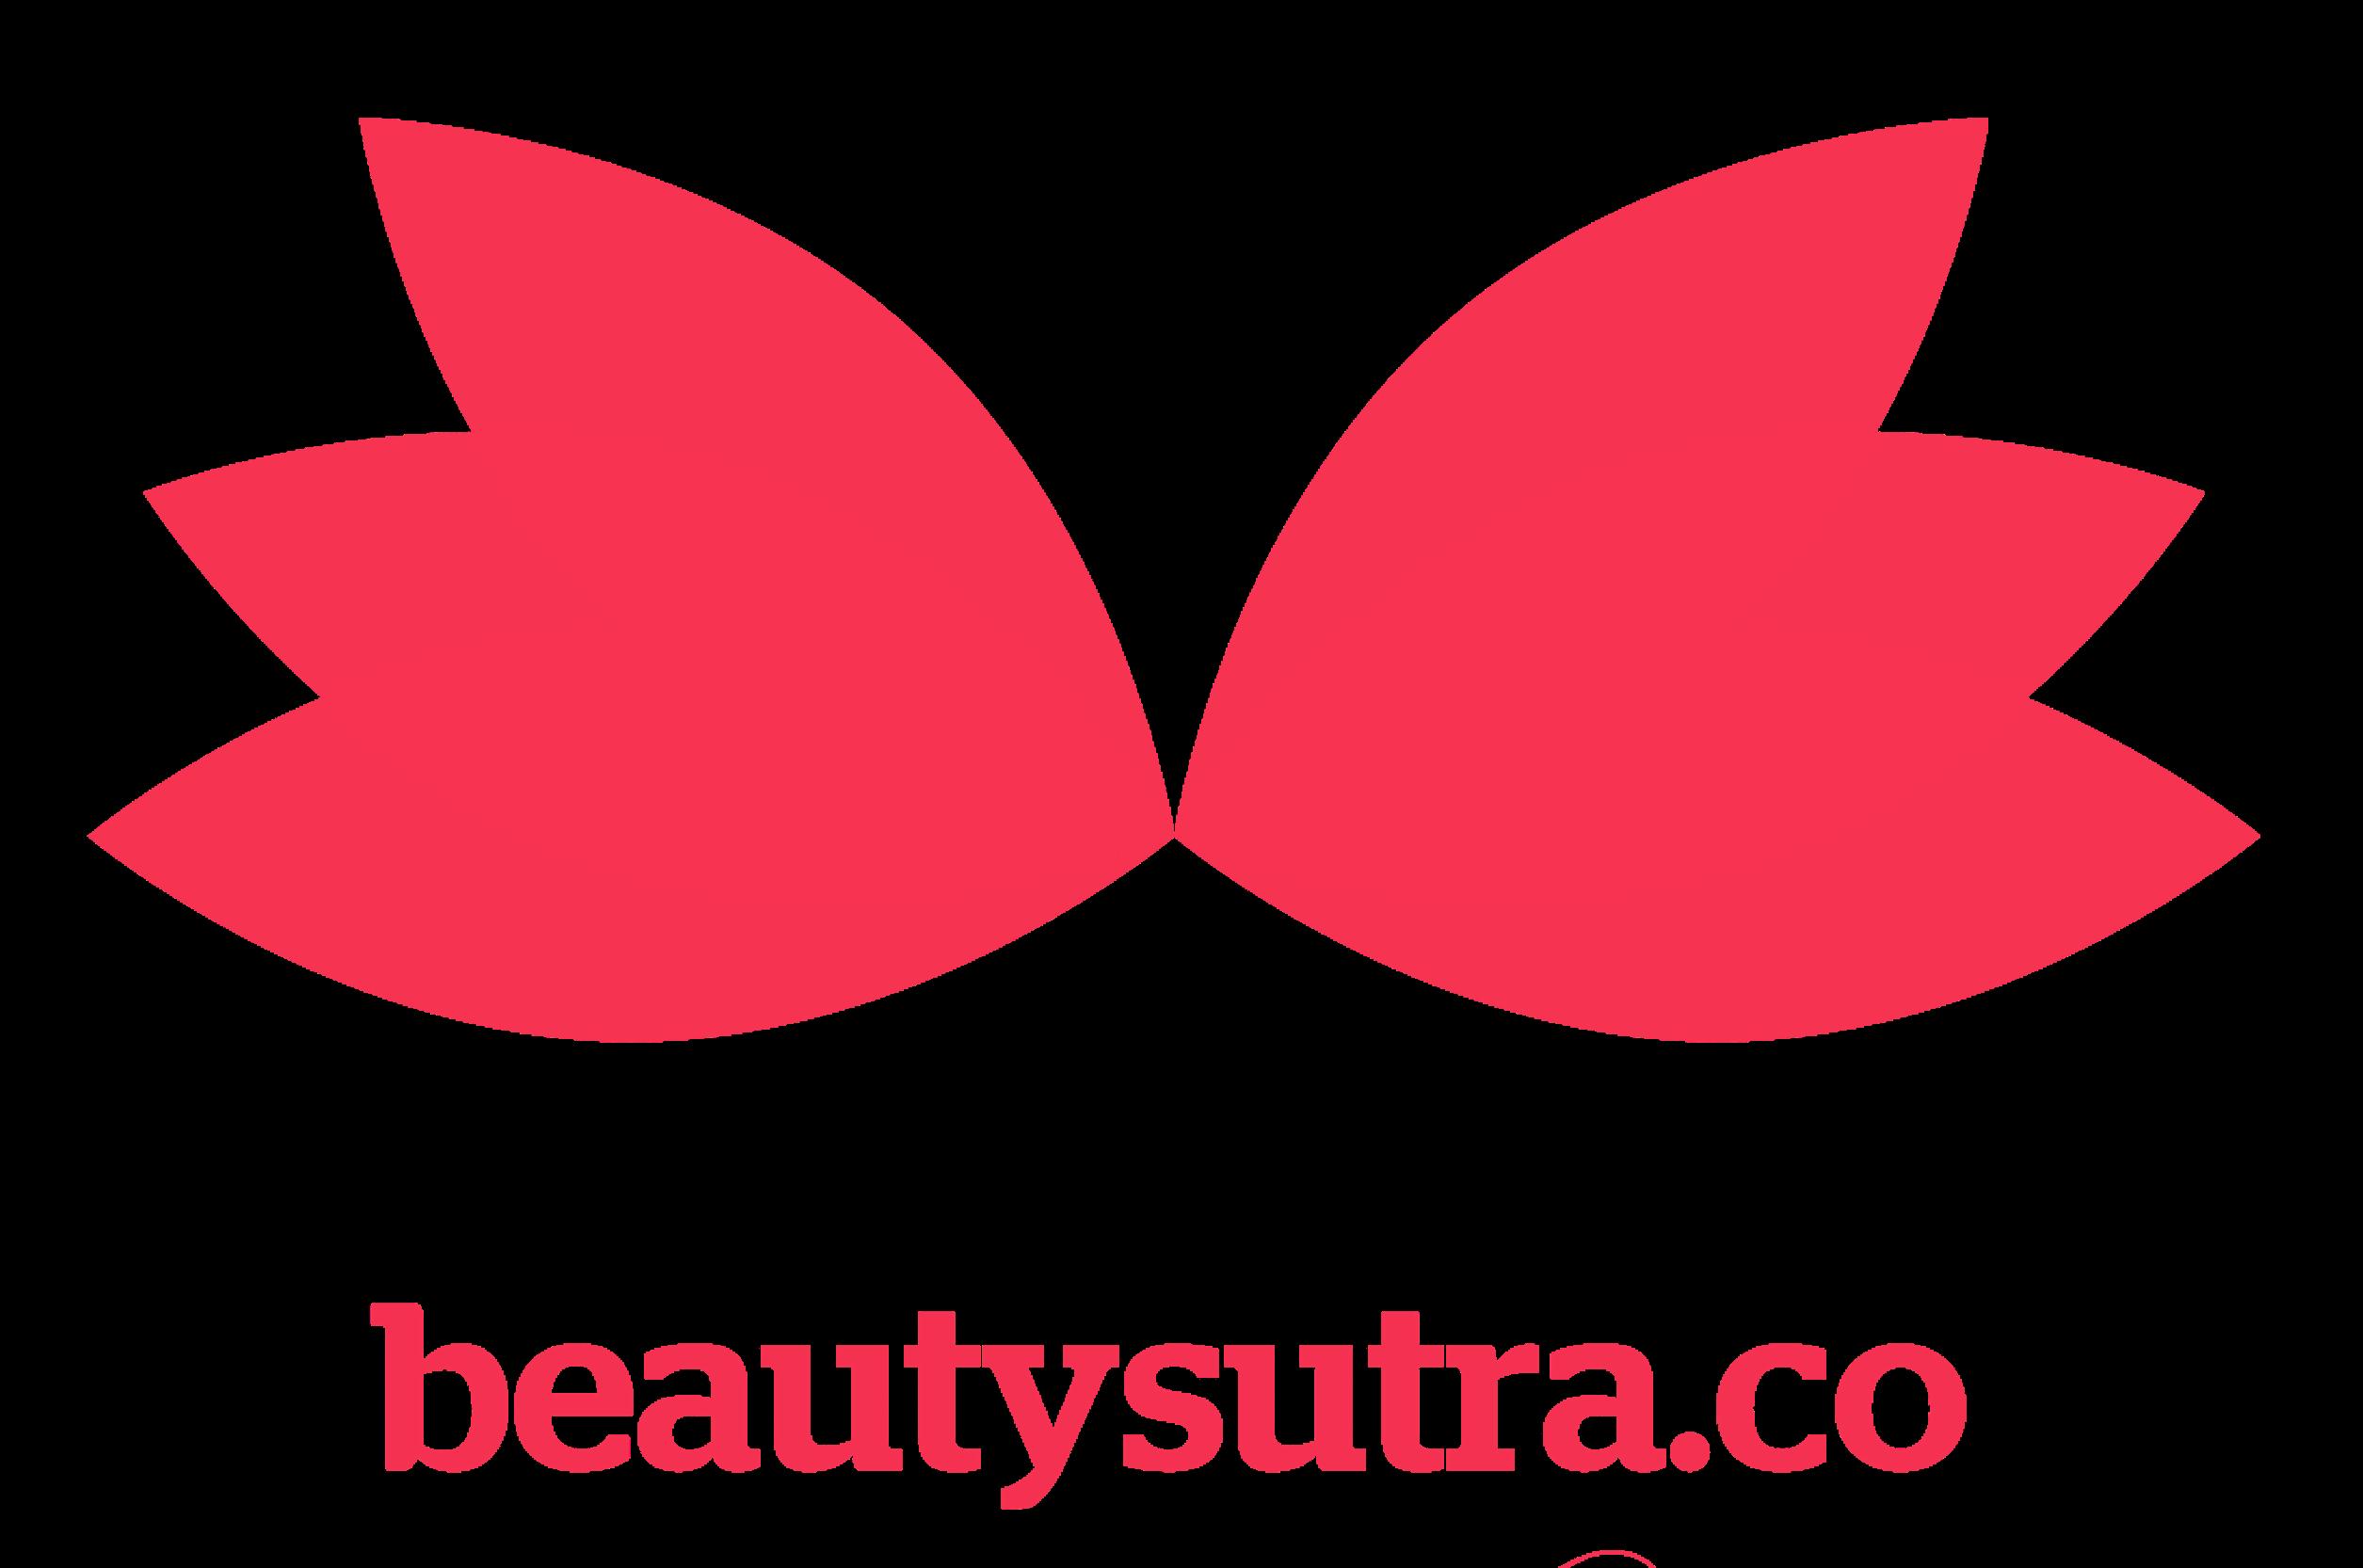 beautysutra